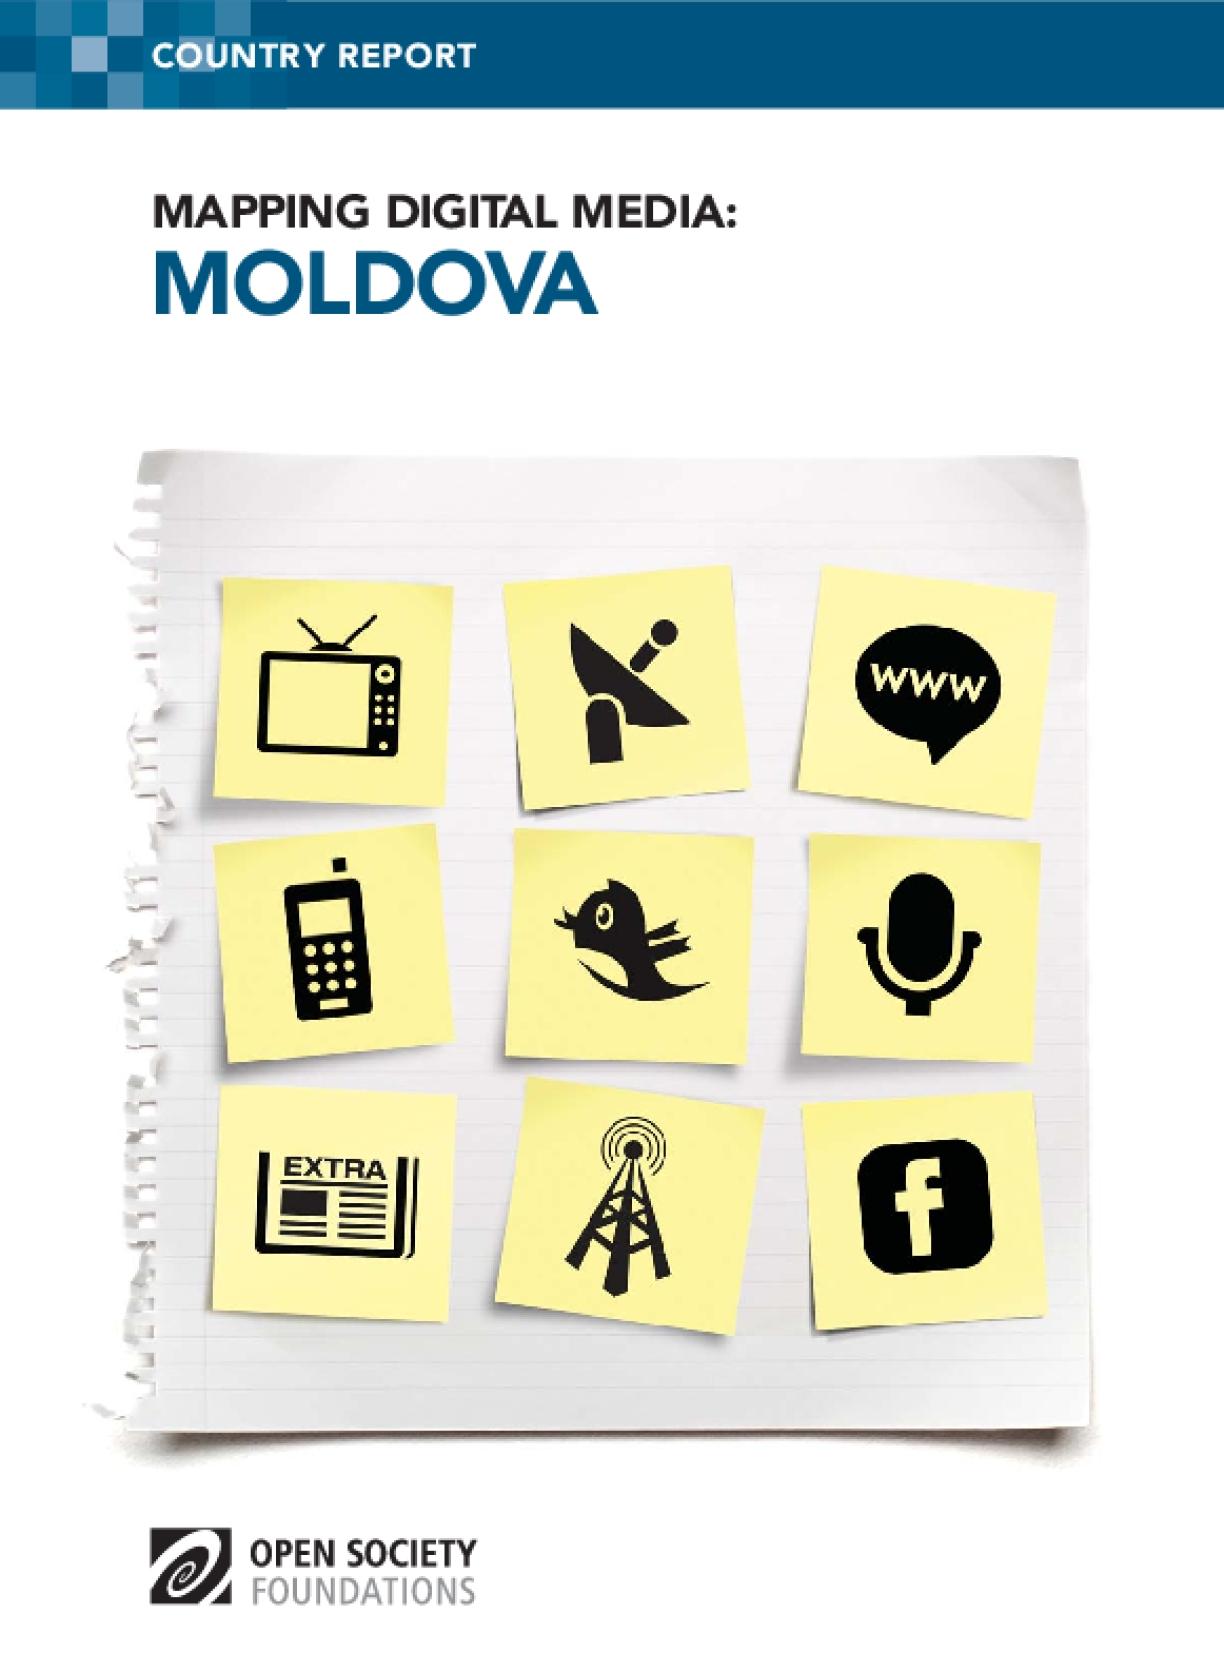 Mapping Digital Media: Moldova